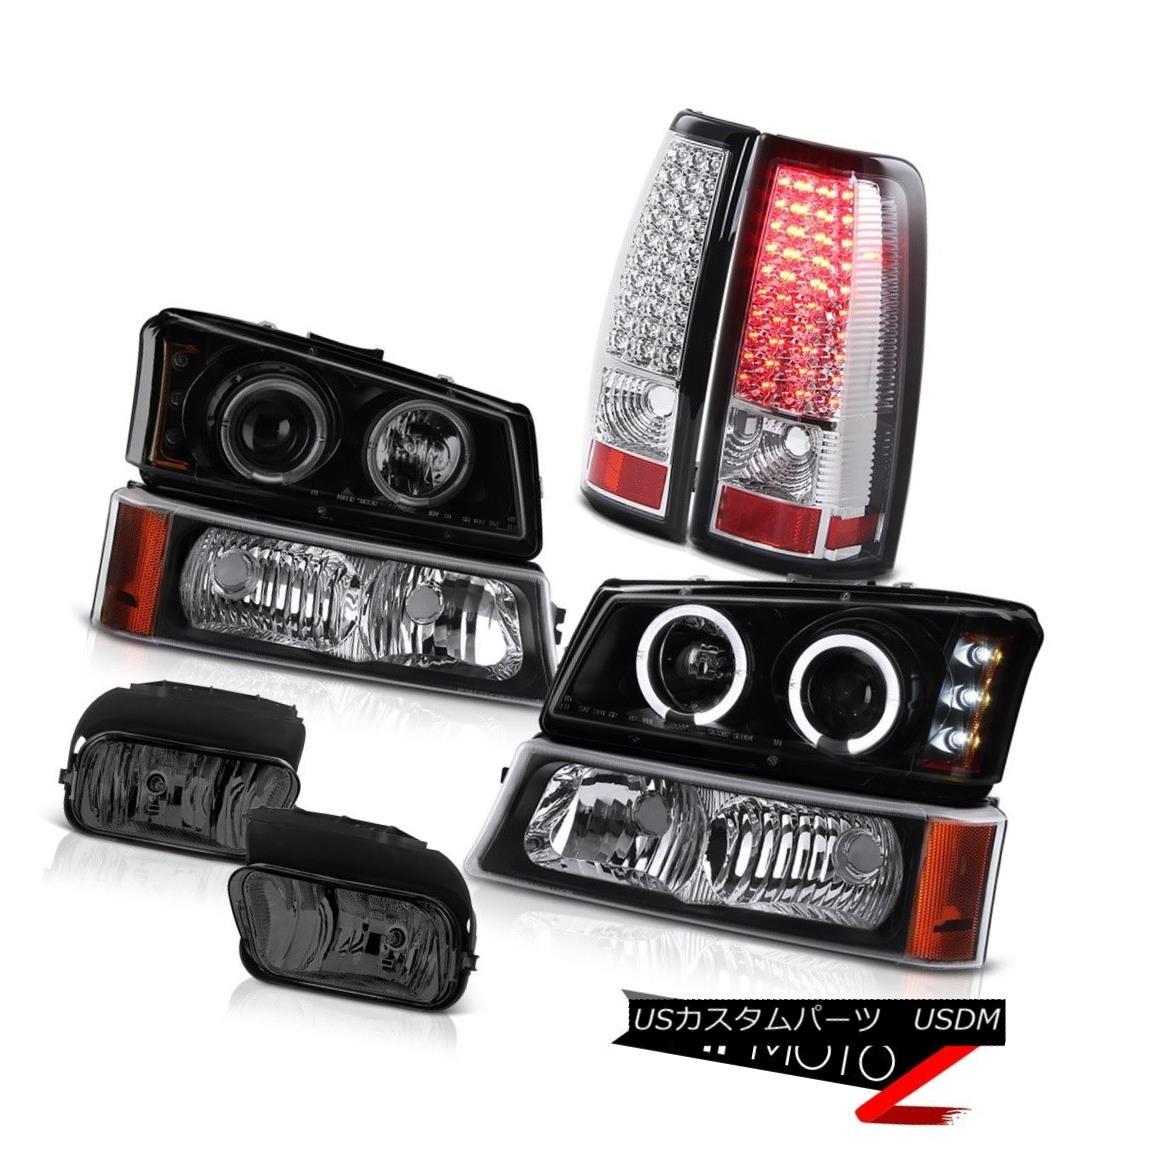 テールライト Headlight Halo Ring Smoke Black Parking SMD Rear Lights Foglamp 05 06 Silverado ヘッドライトハローリングスモークブラックパーキングSMDリアライトフォグライト05 06シルバラード